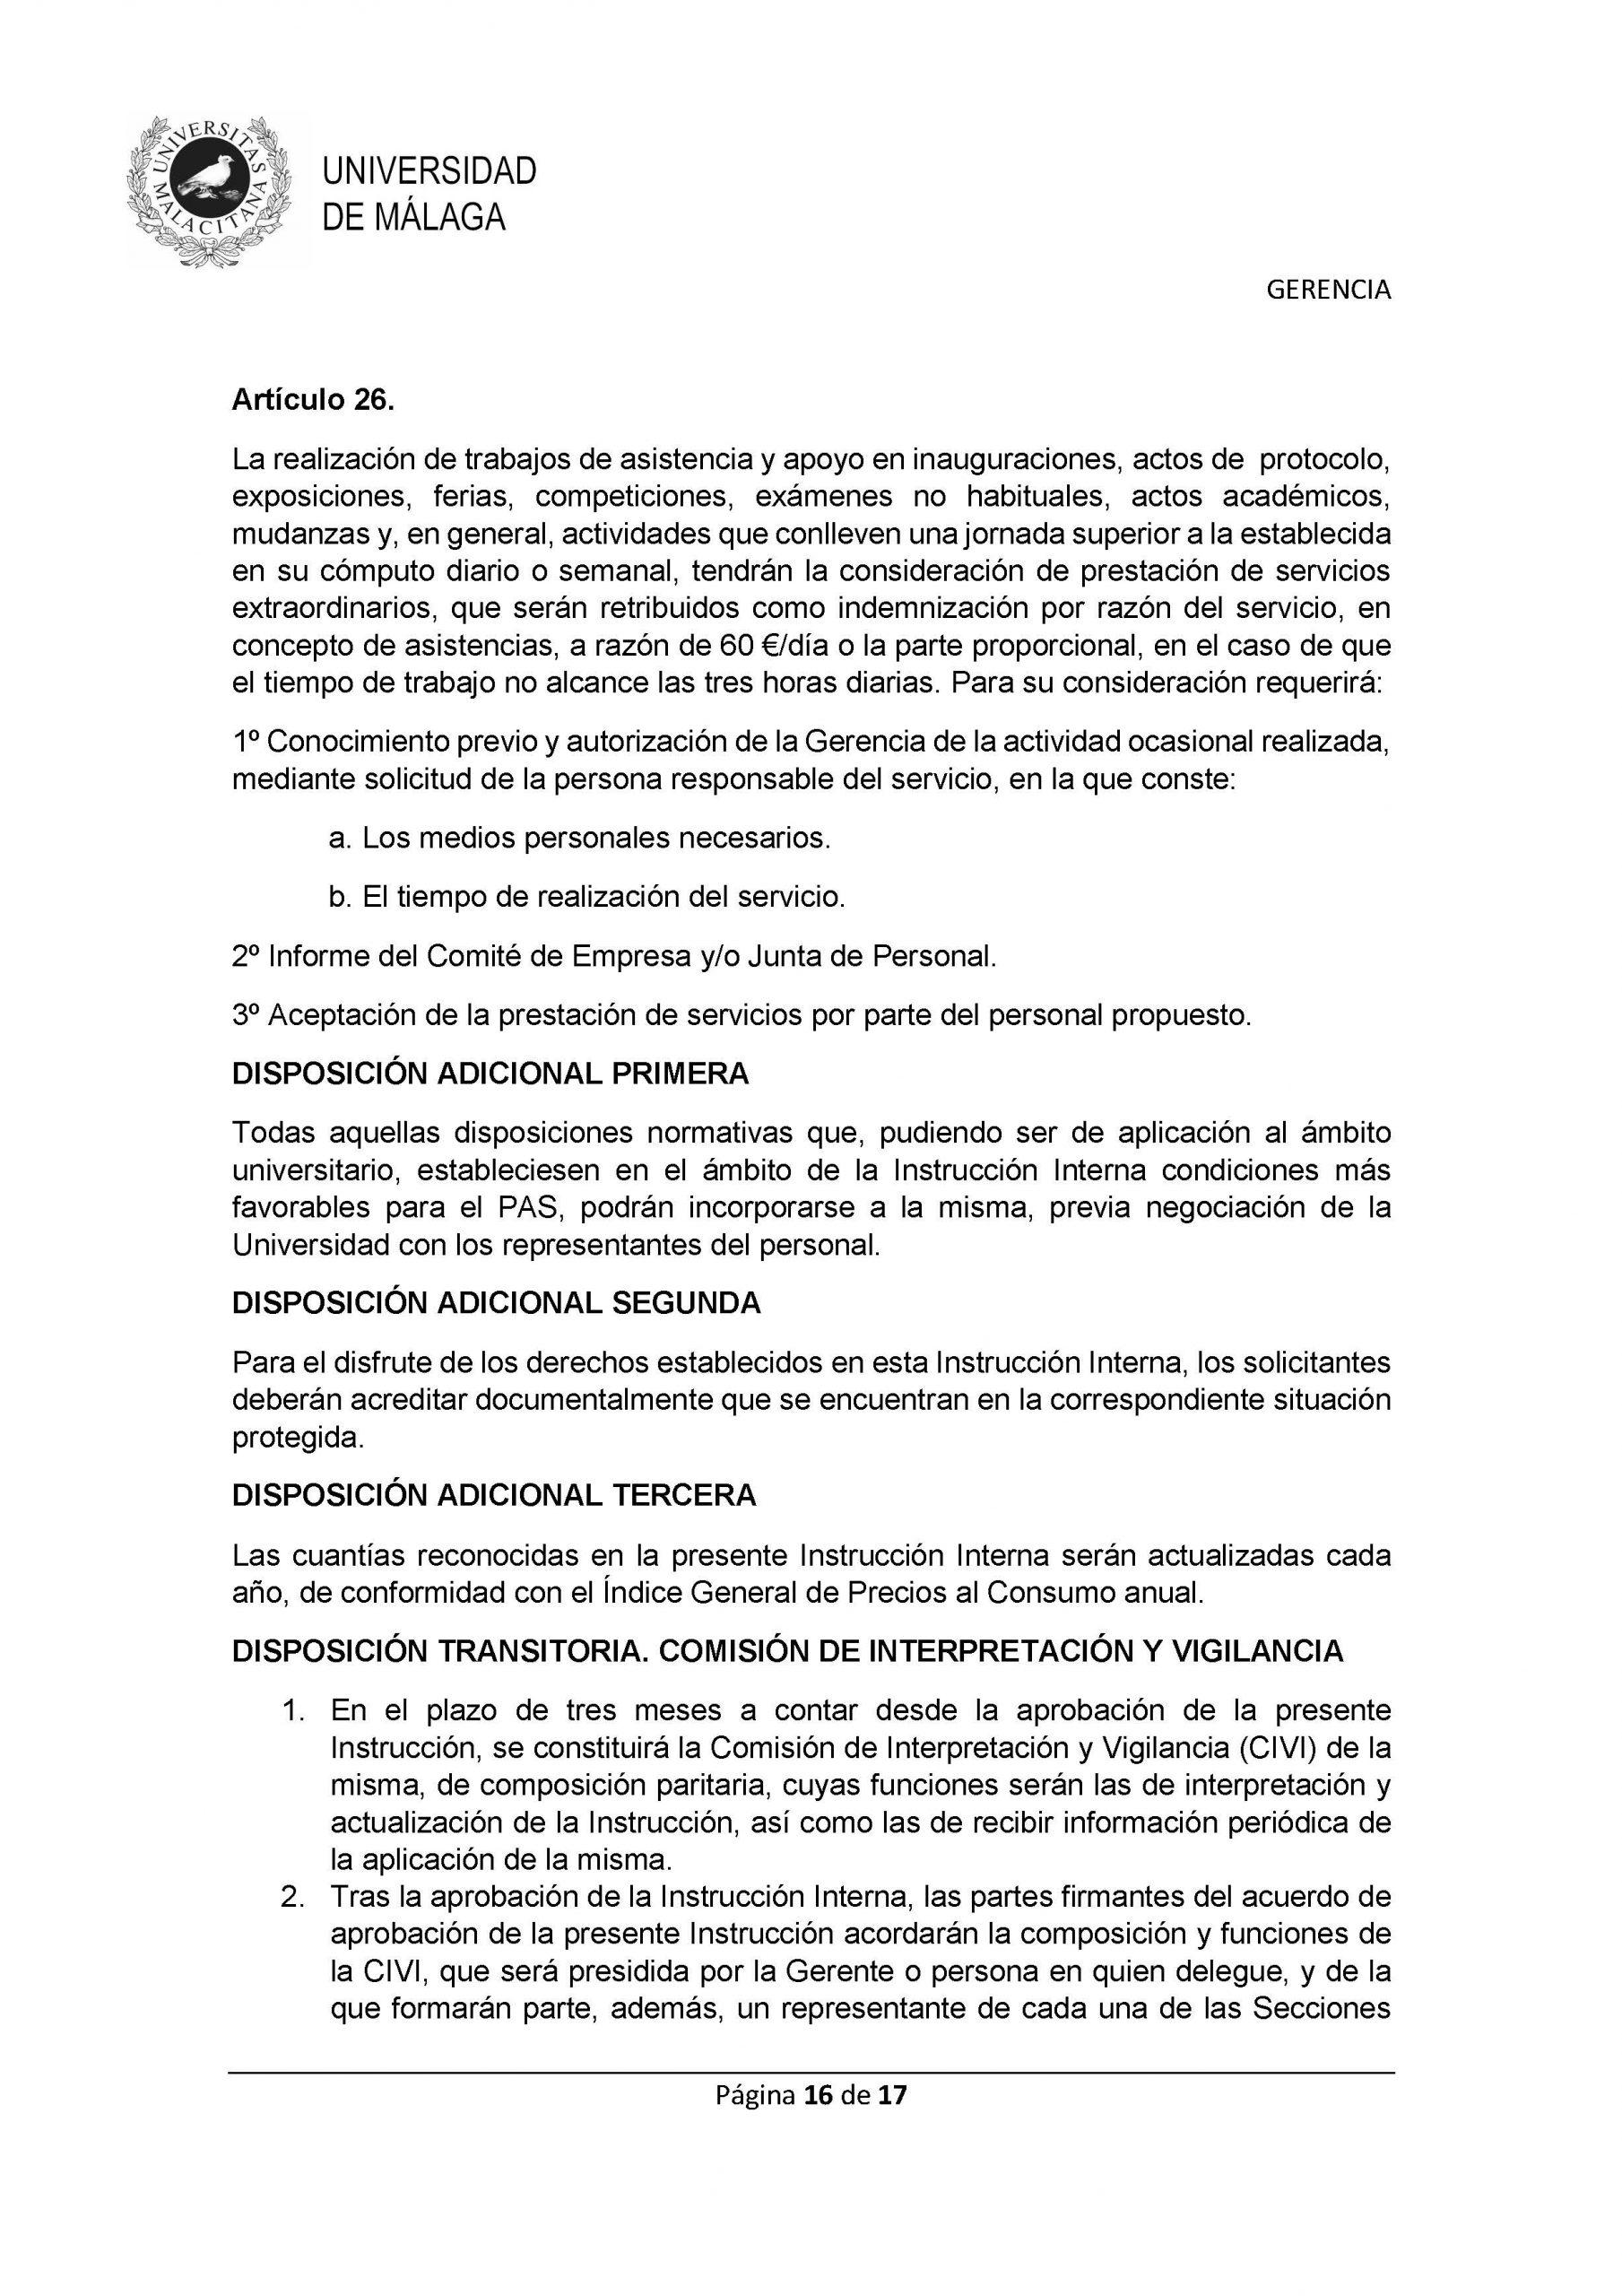 instruccion_interna_texto_final_5_de_mayo_pgina_16